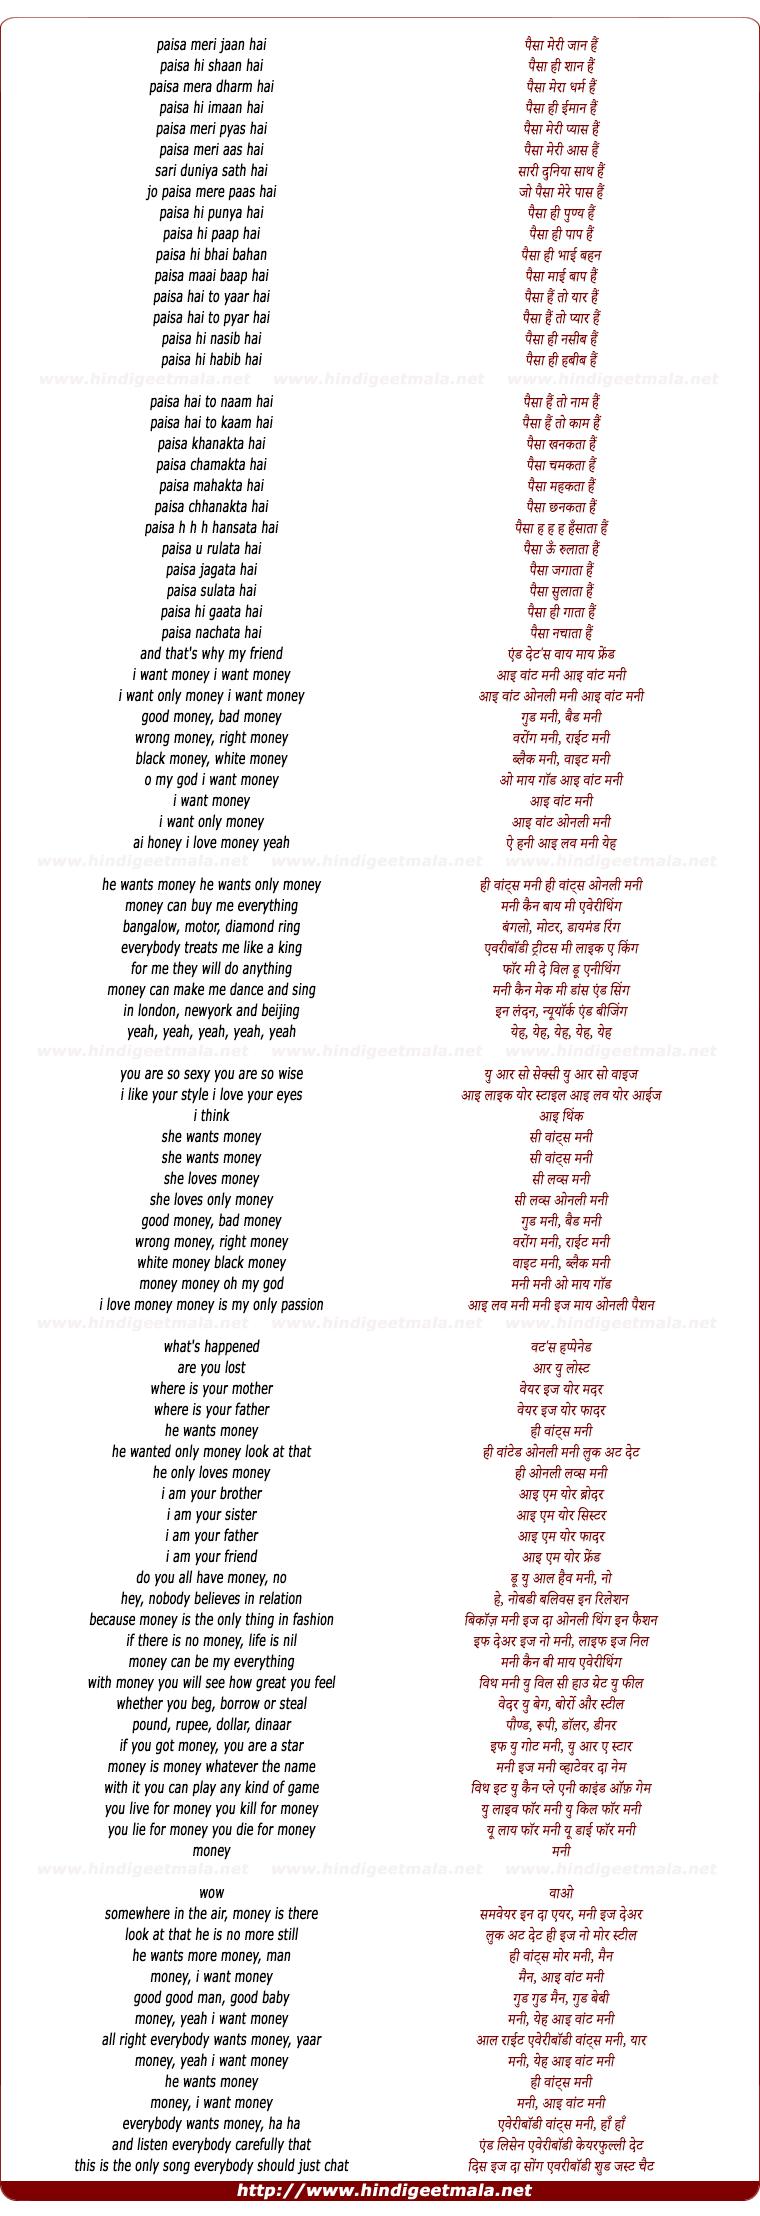 lyrics of song Paisaa Meri Jaan Hai, Paisa Hi Shan Hai